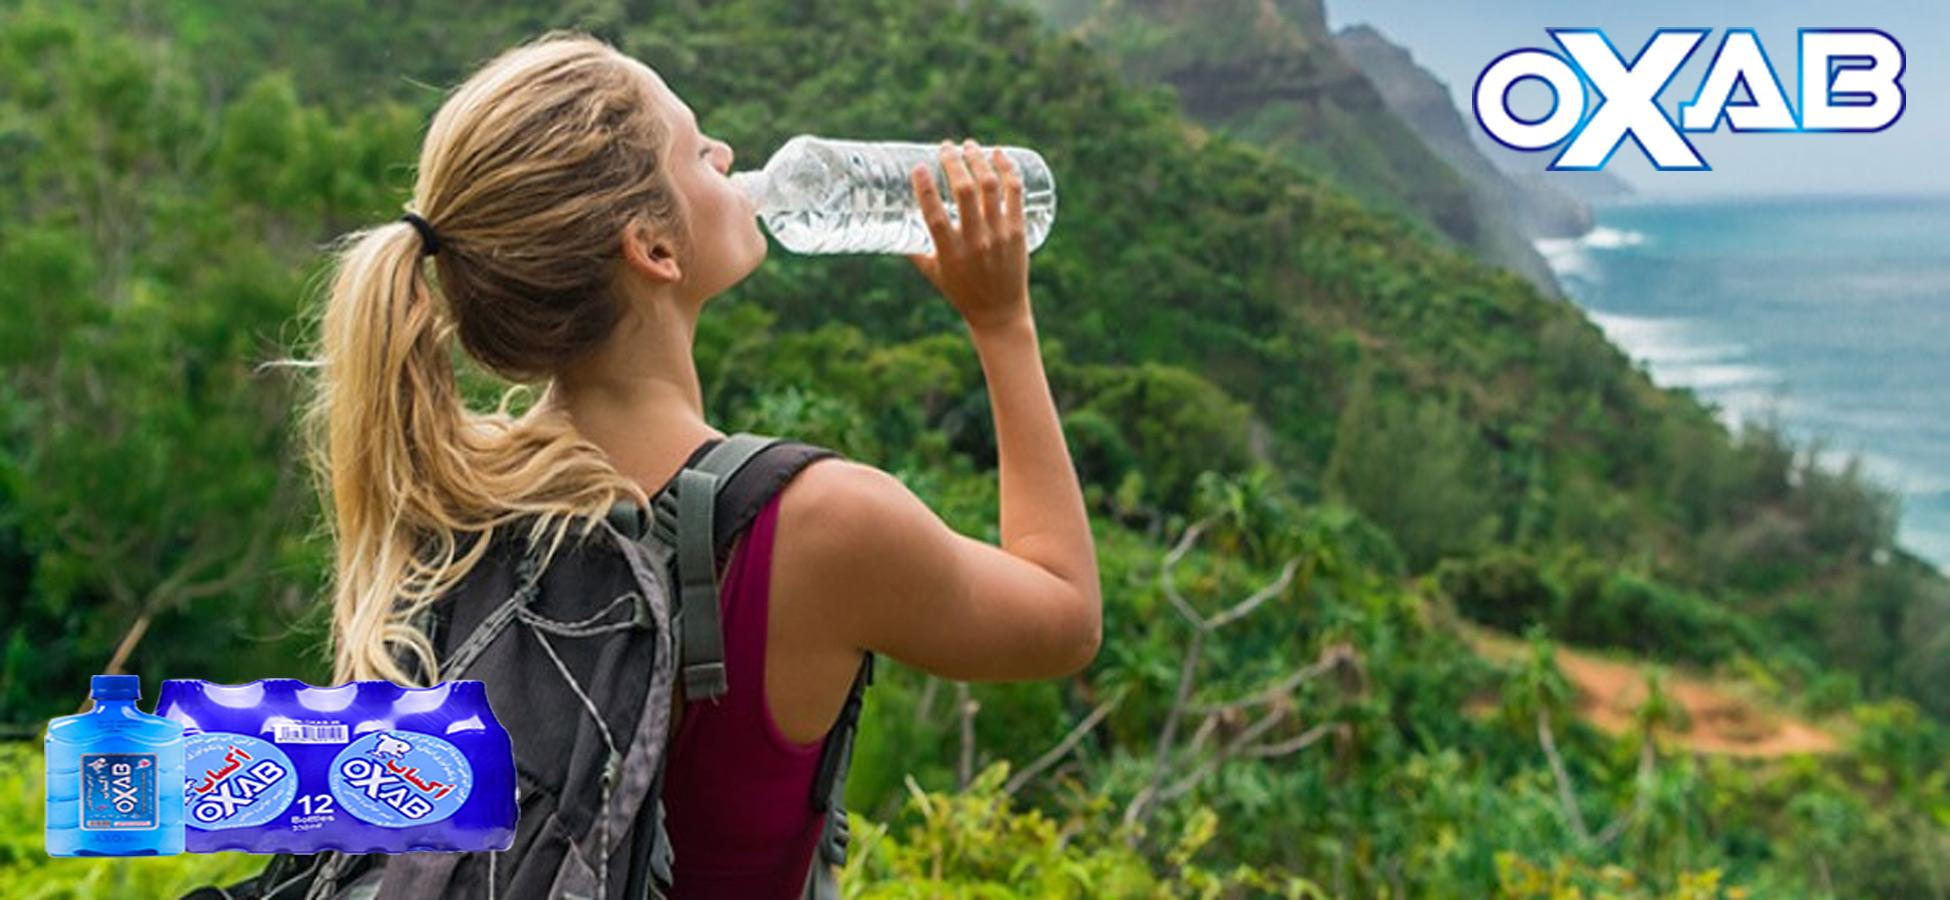 نوشیدن آب در هنگام سفر